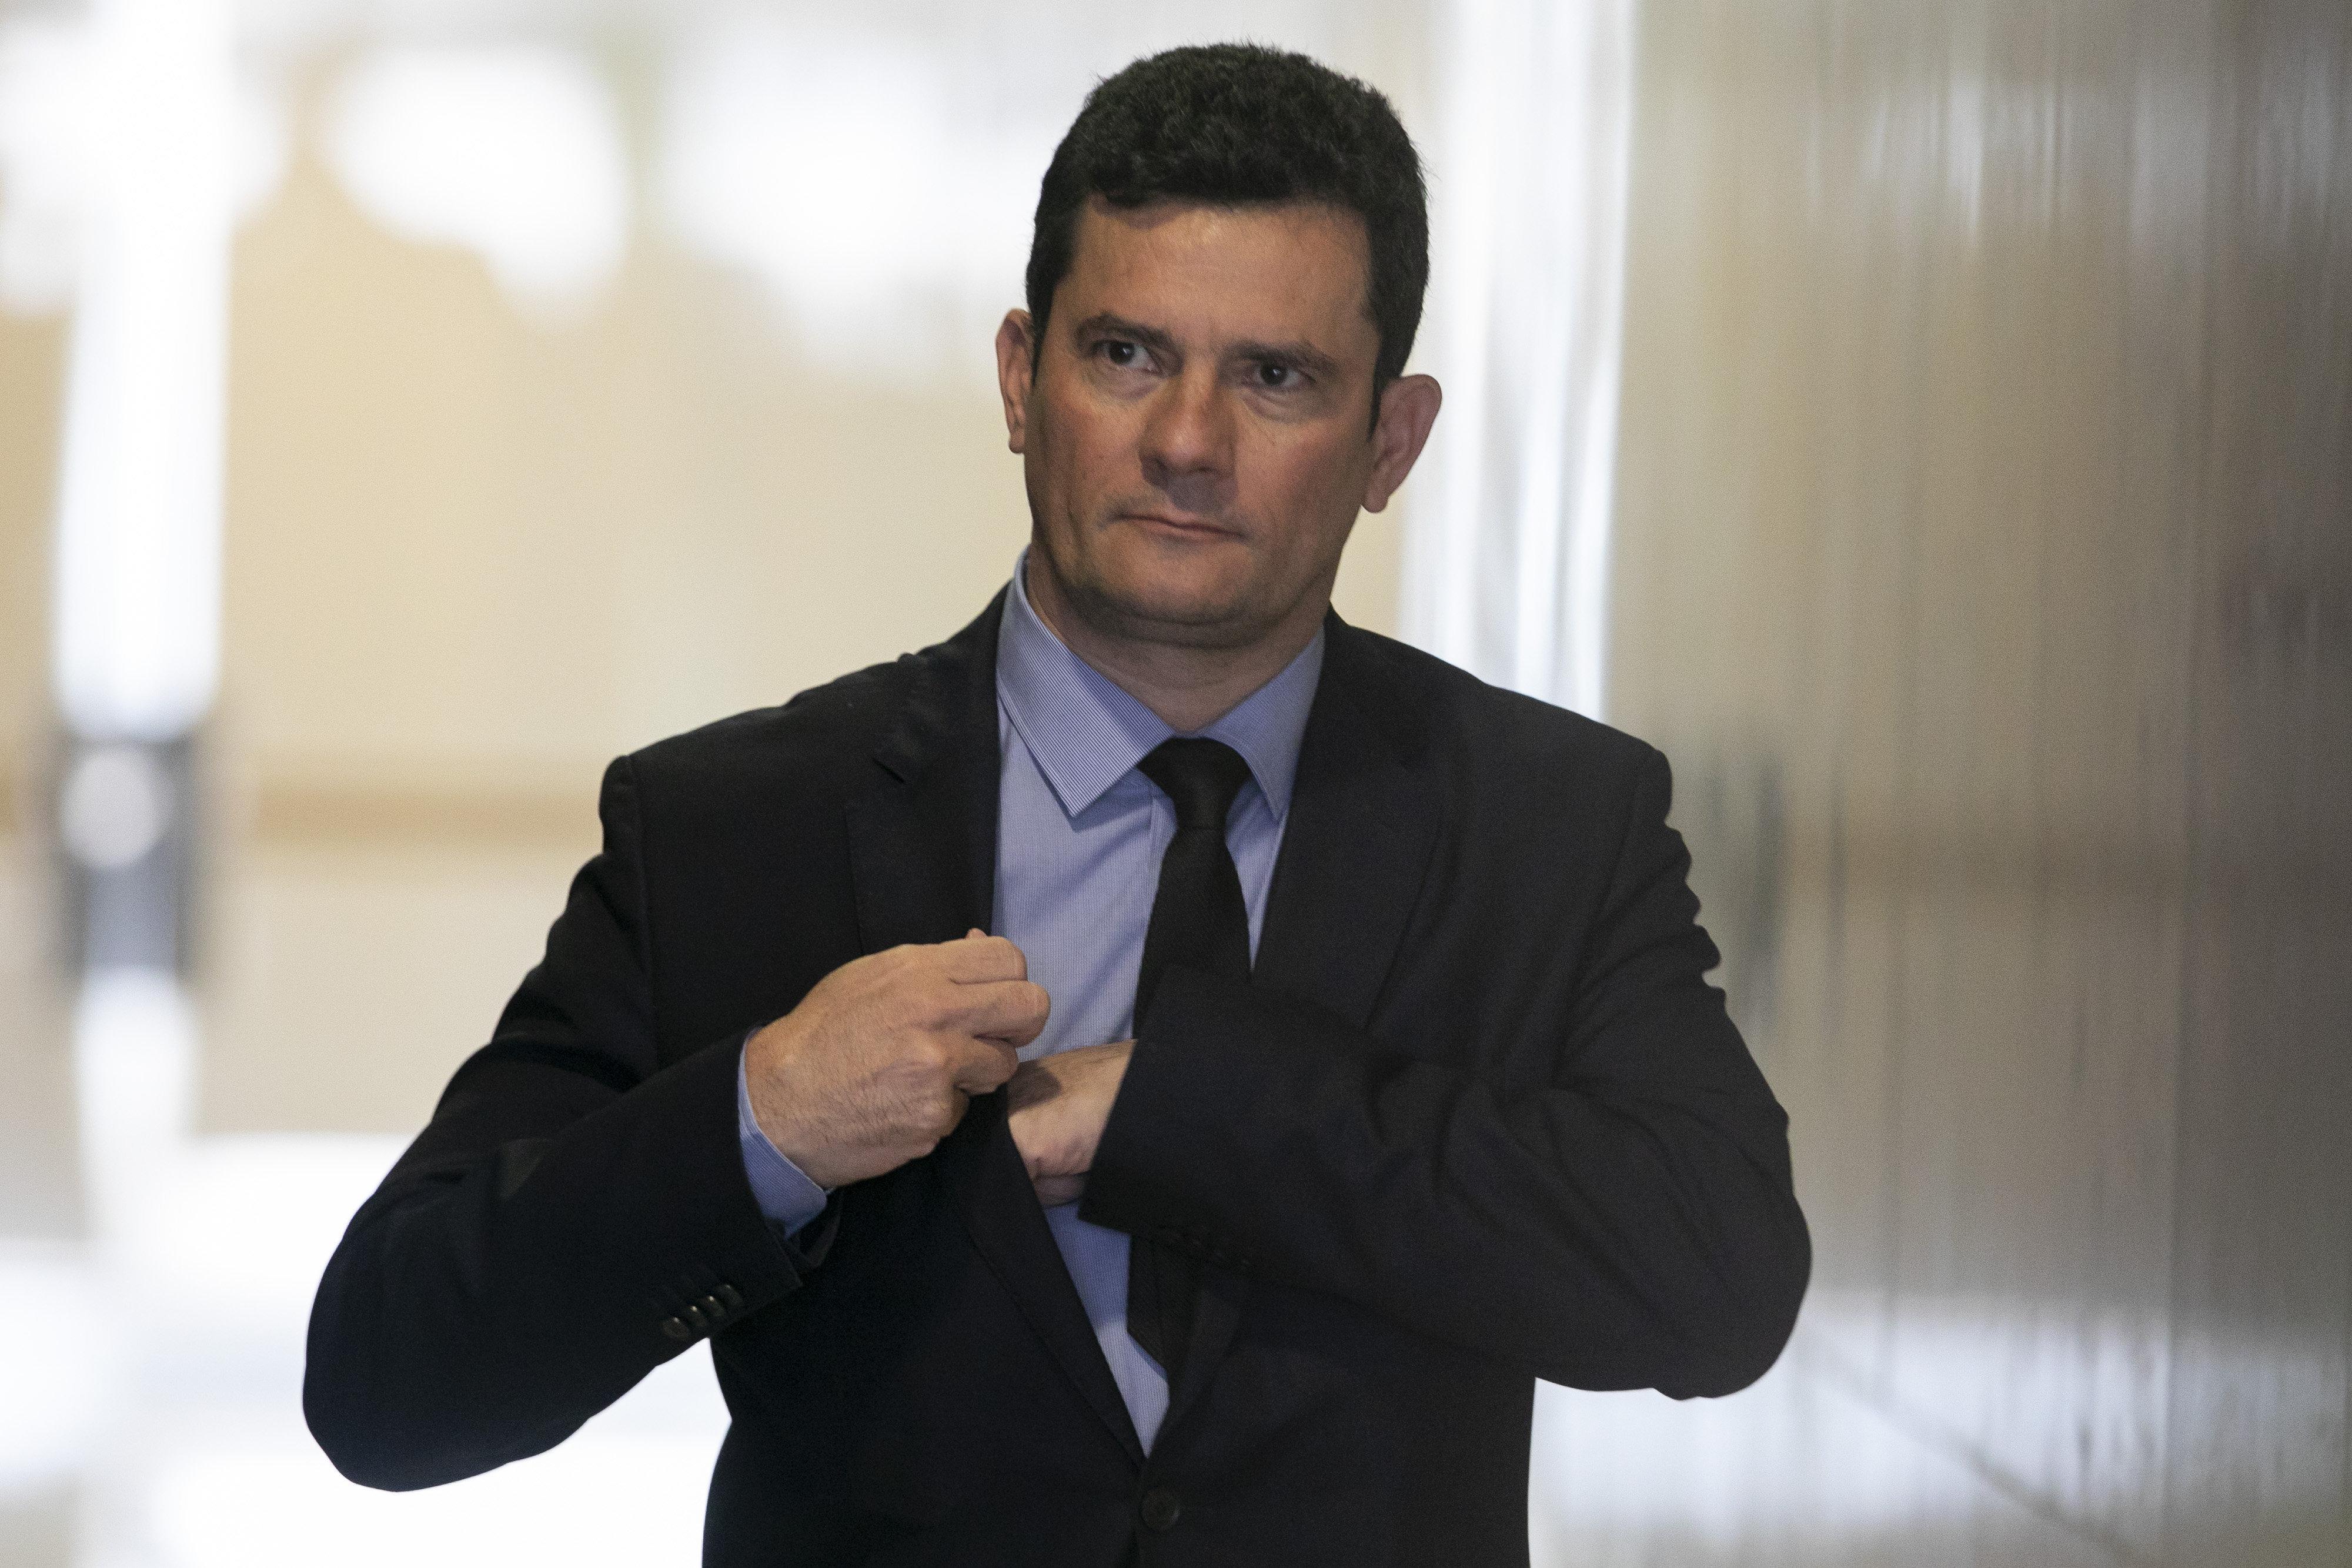 Sergio Moro diz que caixa 2 não é corrupção e fatia proposta